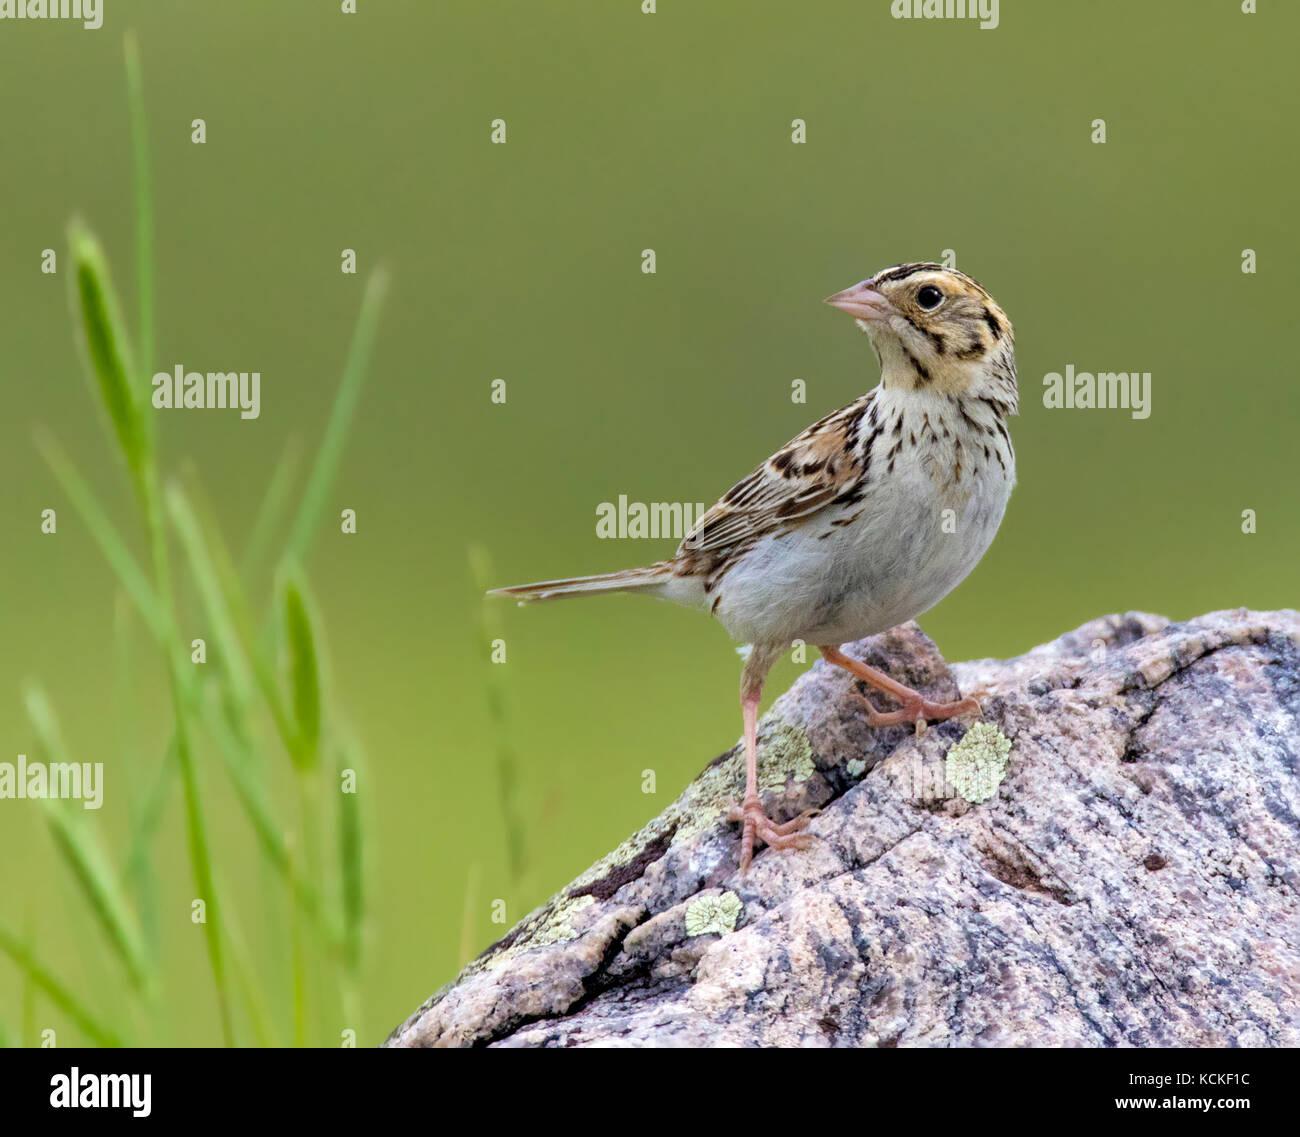 Baird's Sparrow, Ammodramus bairdii, perched in field at Grasslands National Park, Saskatchewan, Canada - Stock Image